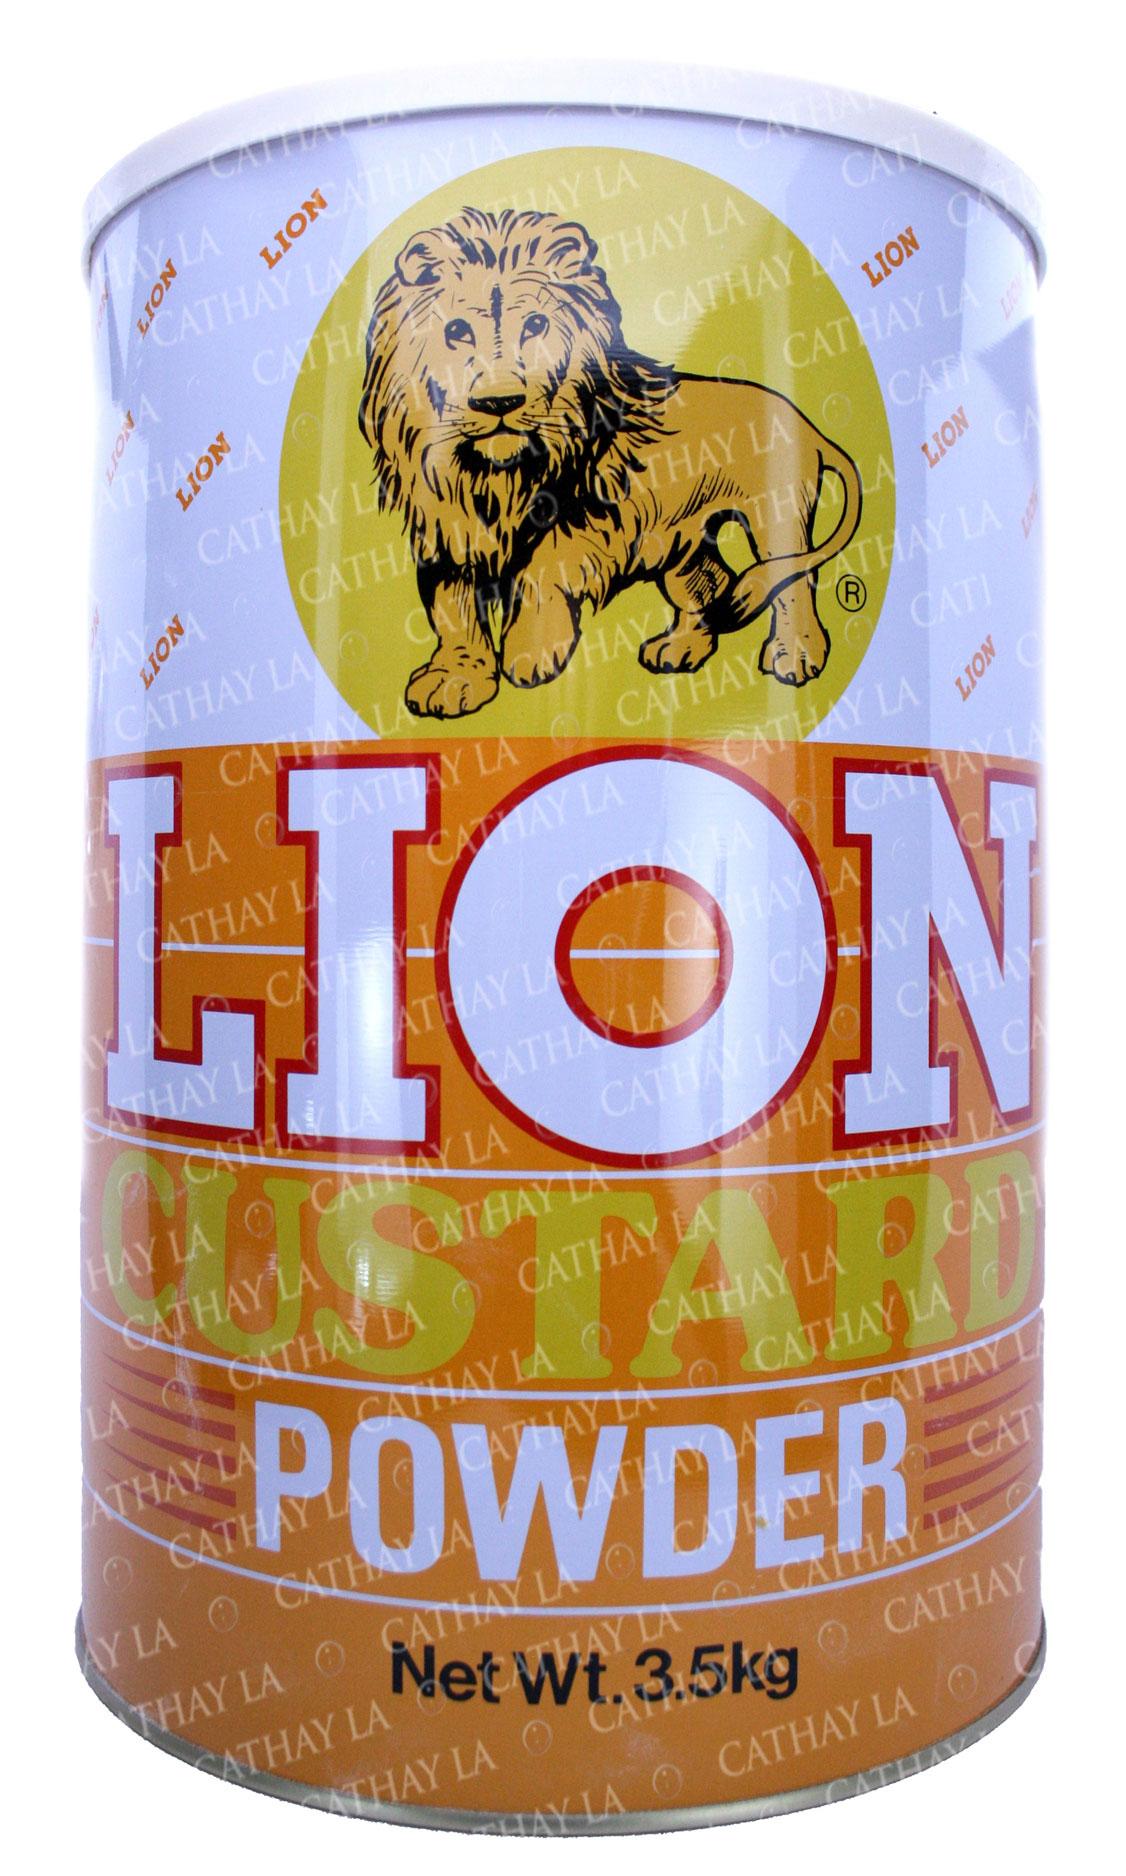 Custard Powder (XL) | Cathay LA